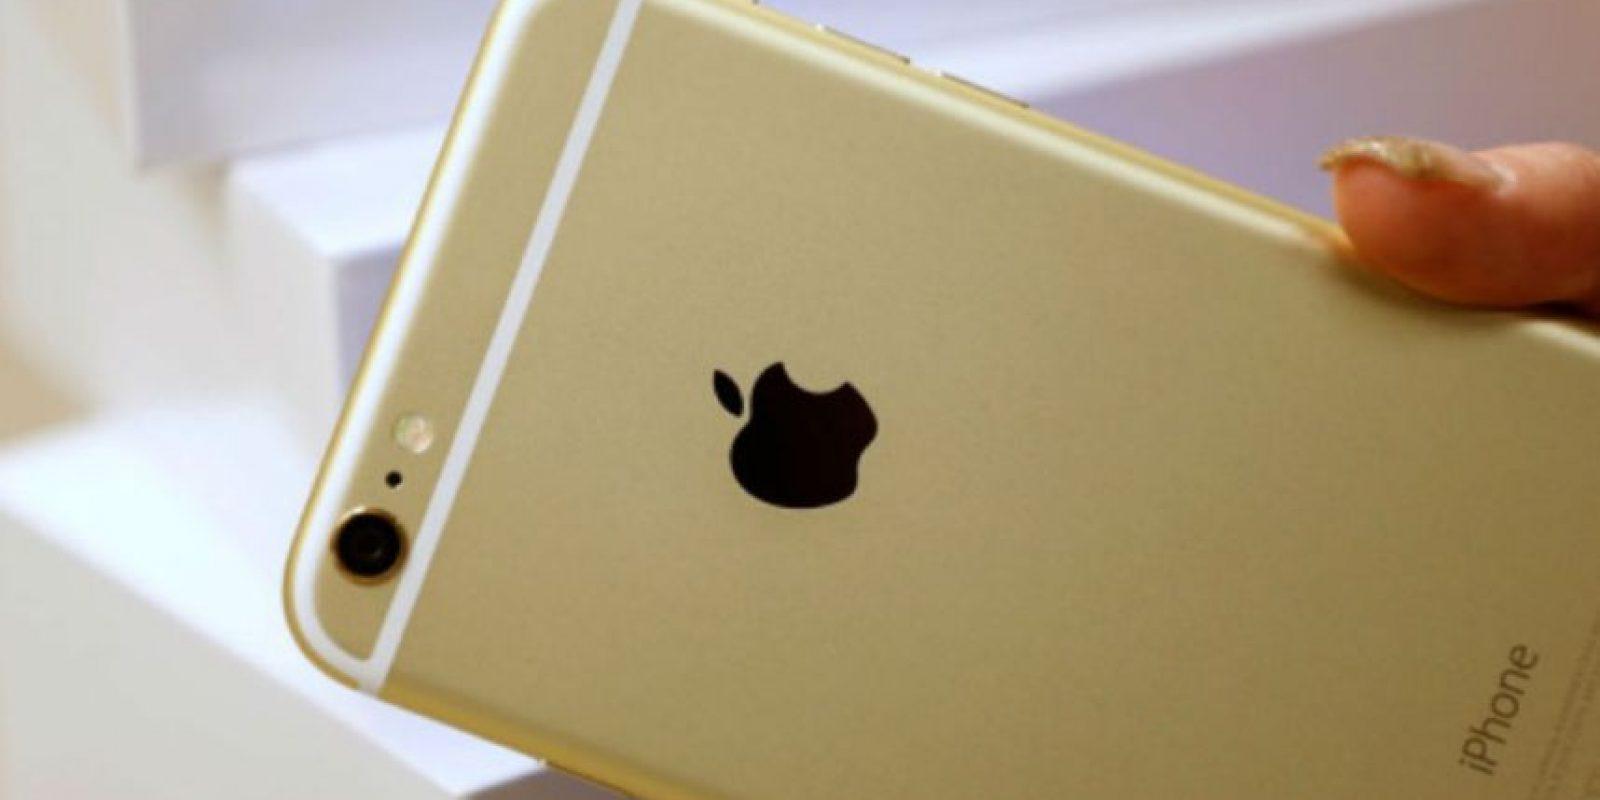 Apple no quiere otro escándalo por posibles casos de iPhones doblados. Foto:Getty Images